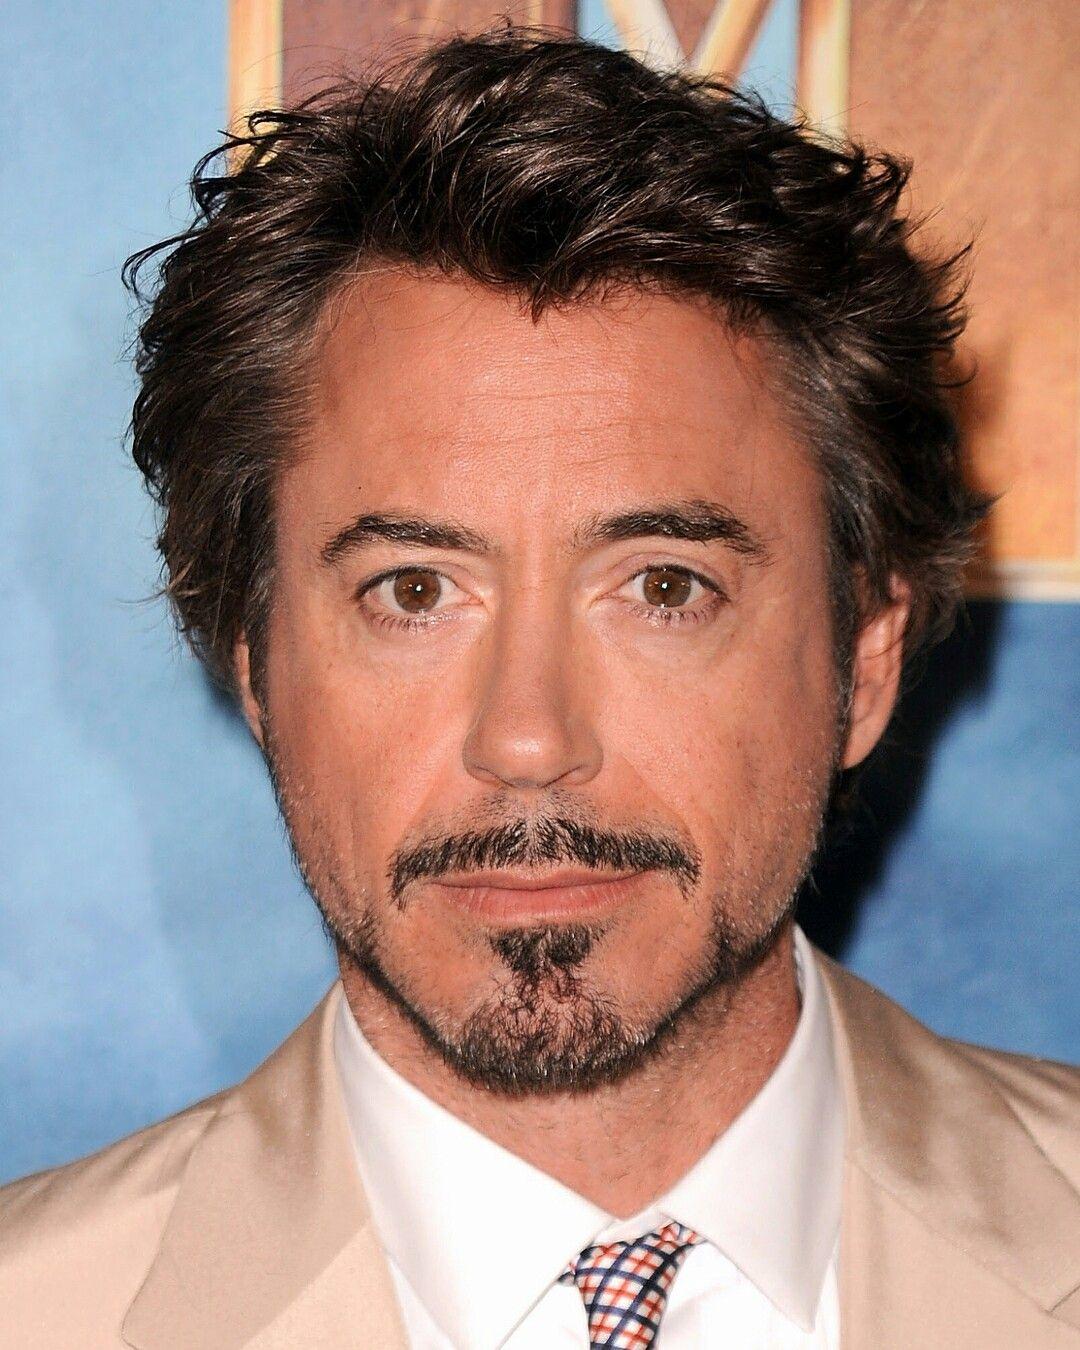 Pin Von Flunker Klunker Auf Robert Downey Jr Manner Frisuren Frisuren Kurz Frisur Geheimratsecken